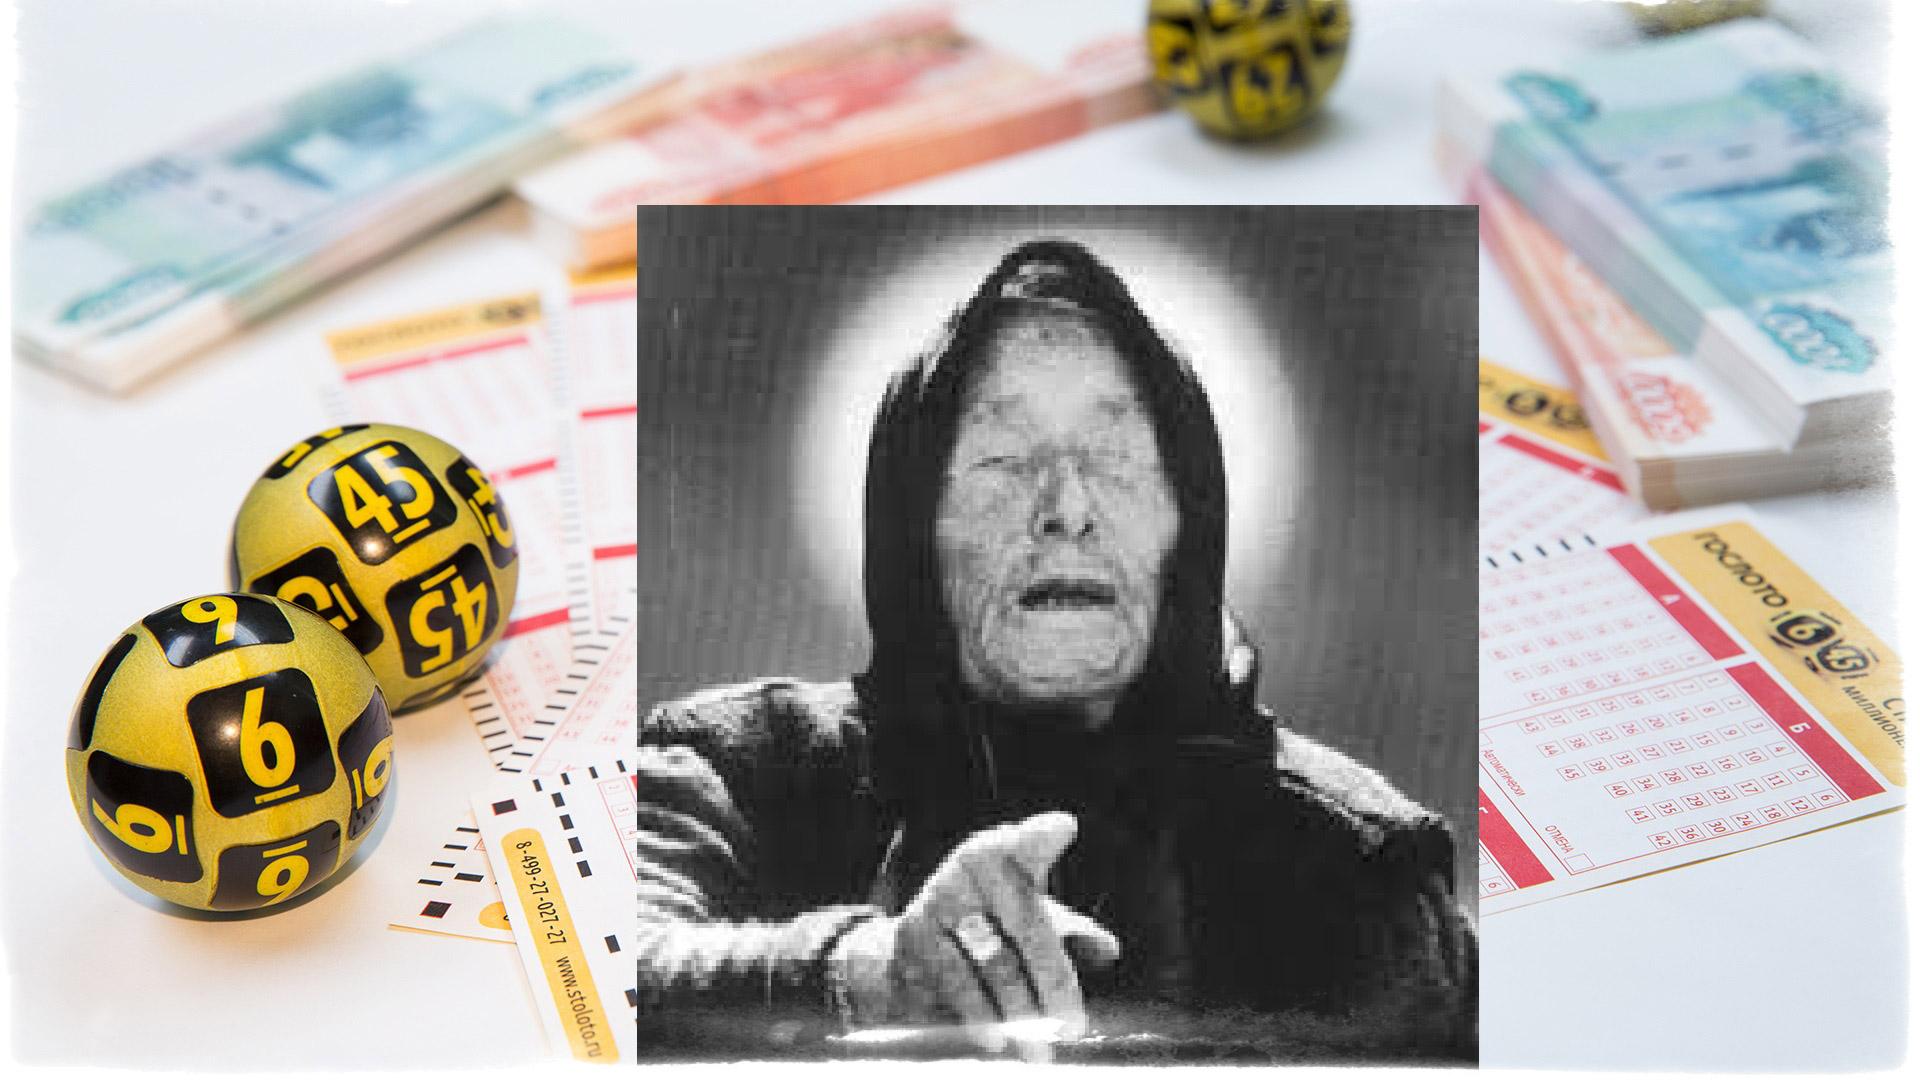 чтобы выиграть в азартные игры заговор